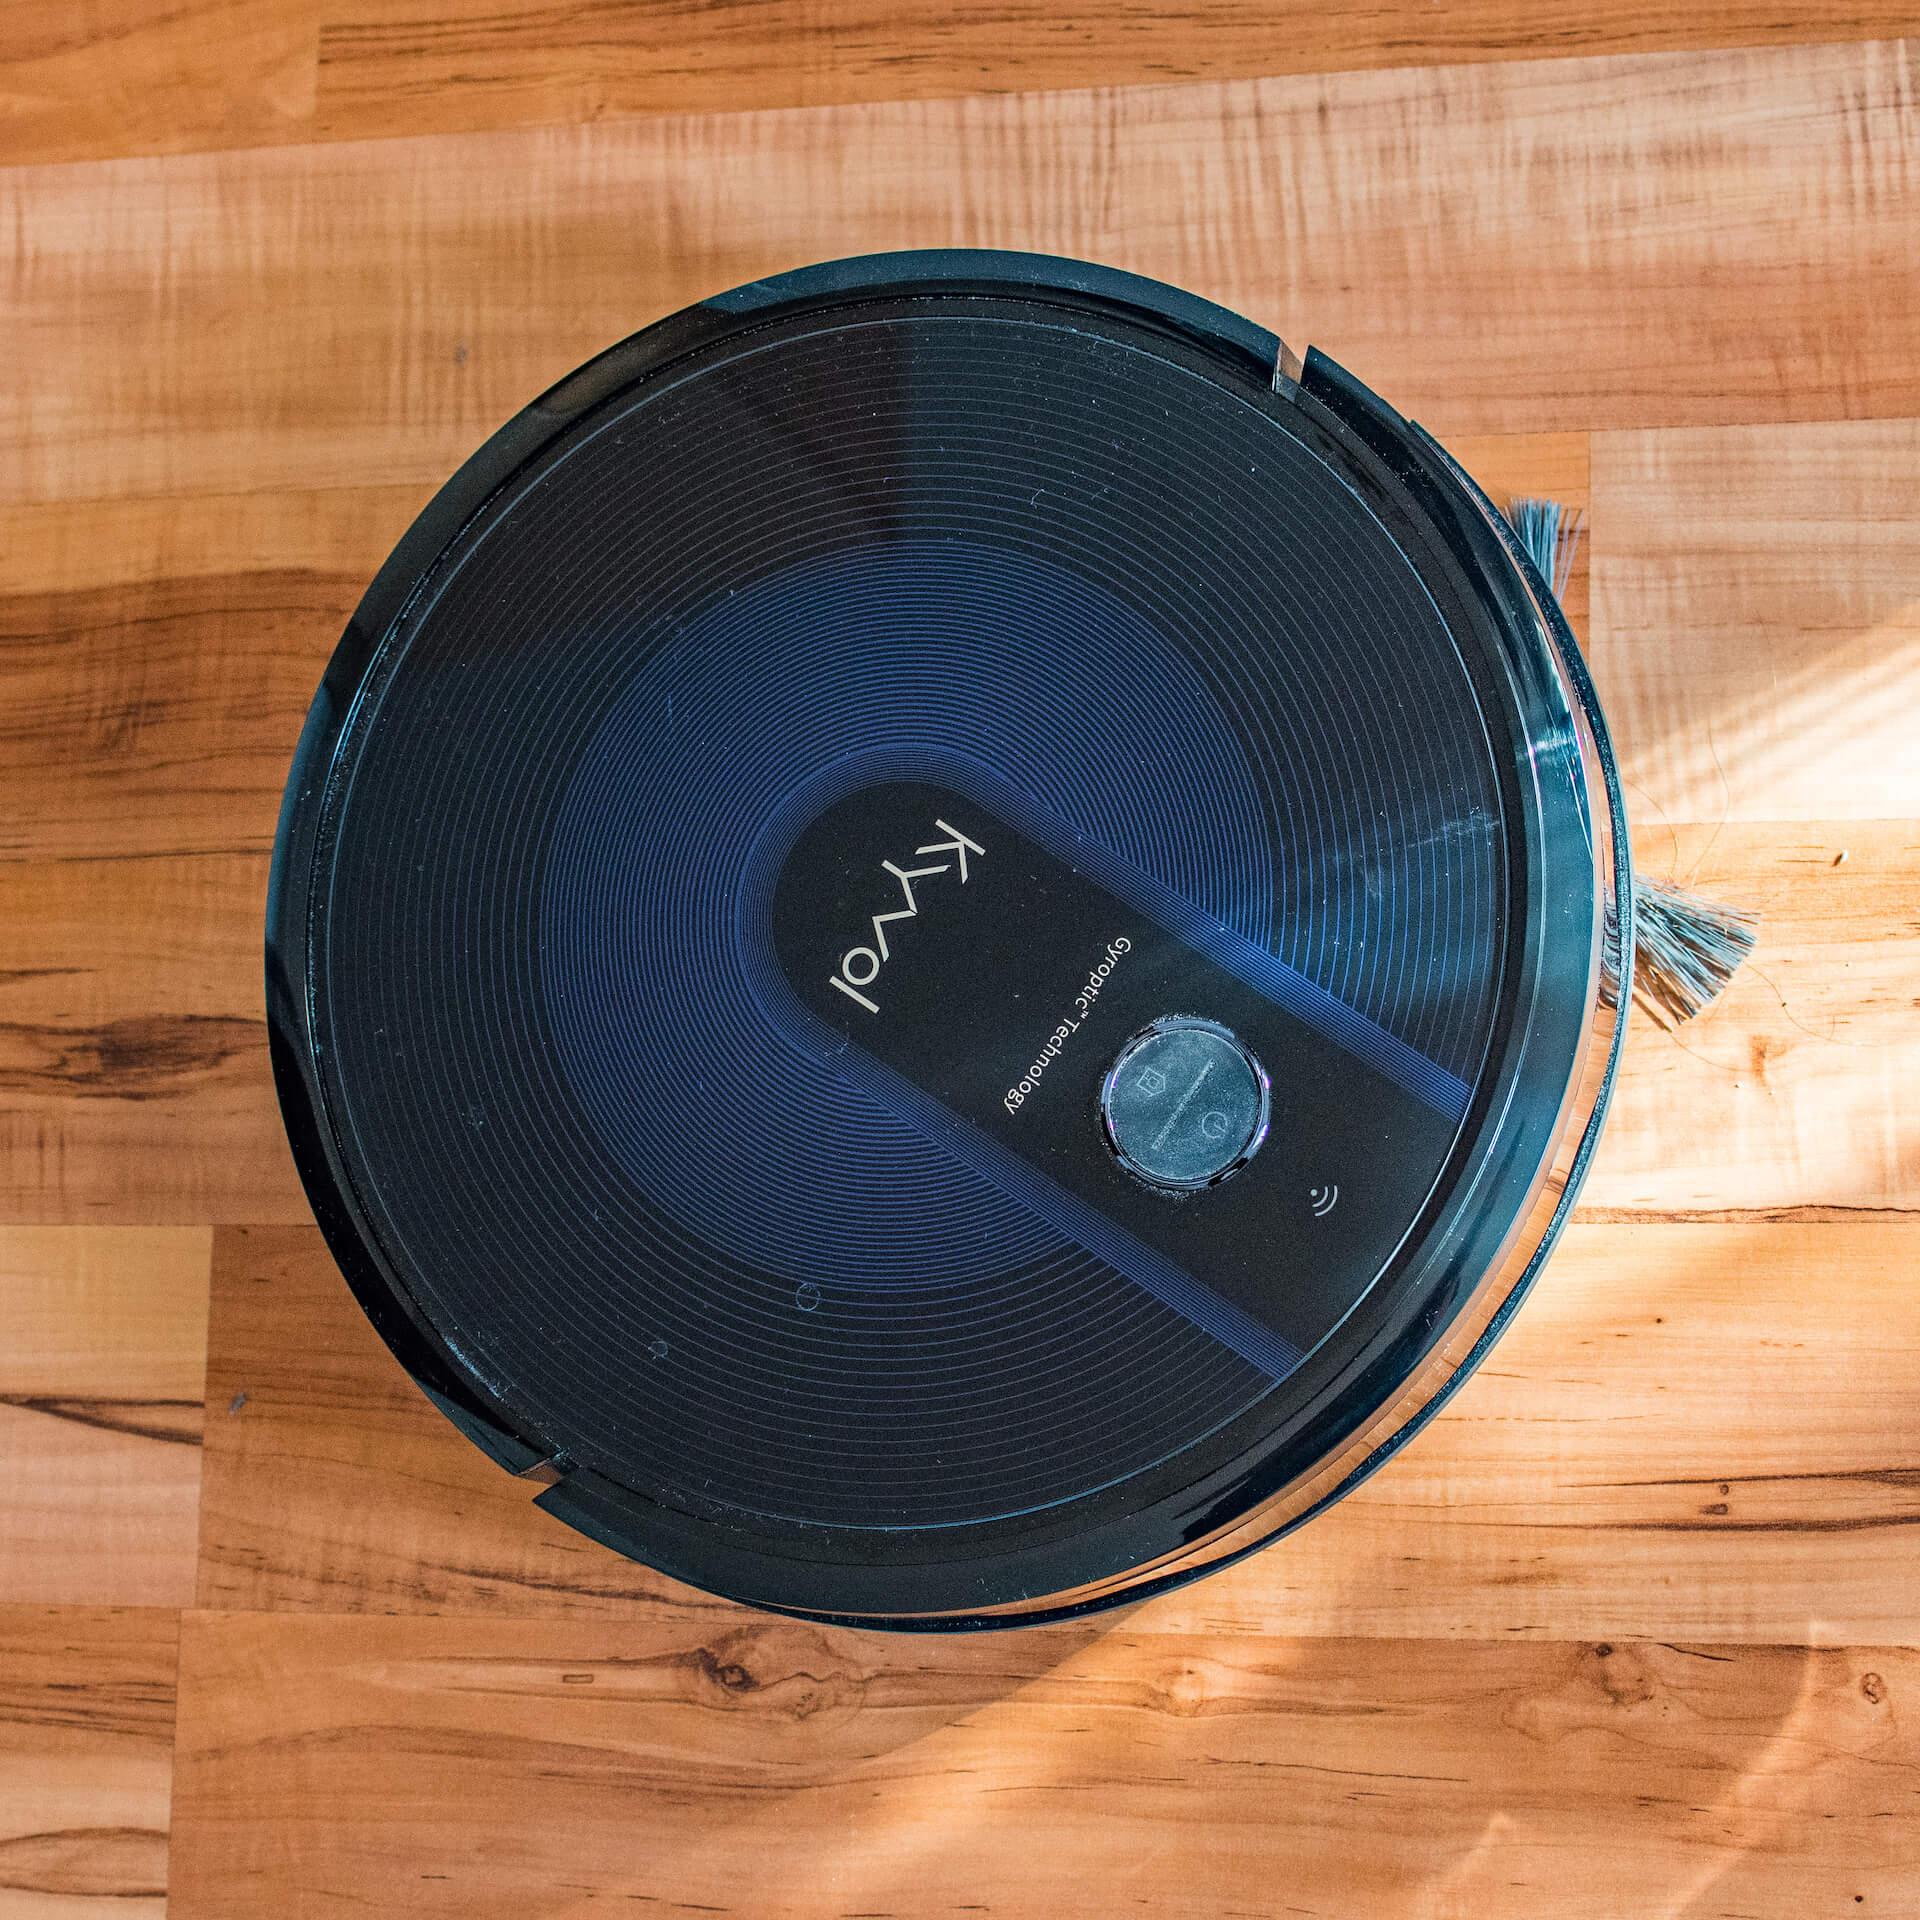 Kyvol Cybovac E31 im Test: Preiswerte Reinheit im Smart Home - Netzpiloten.de